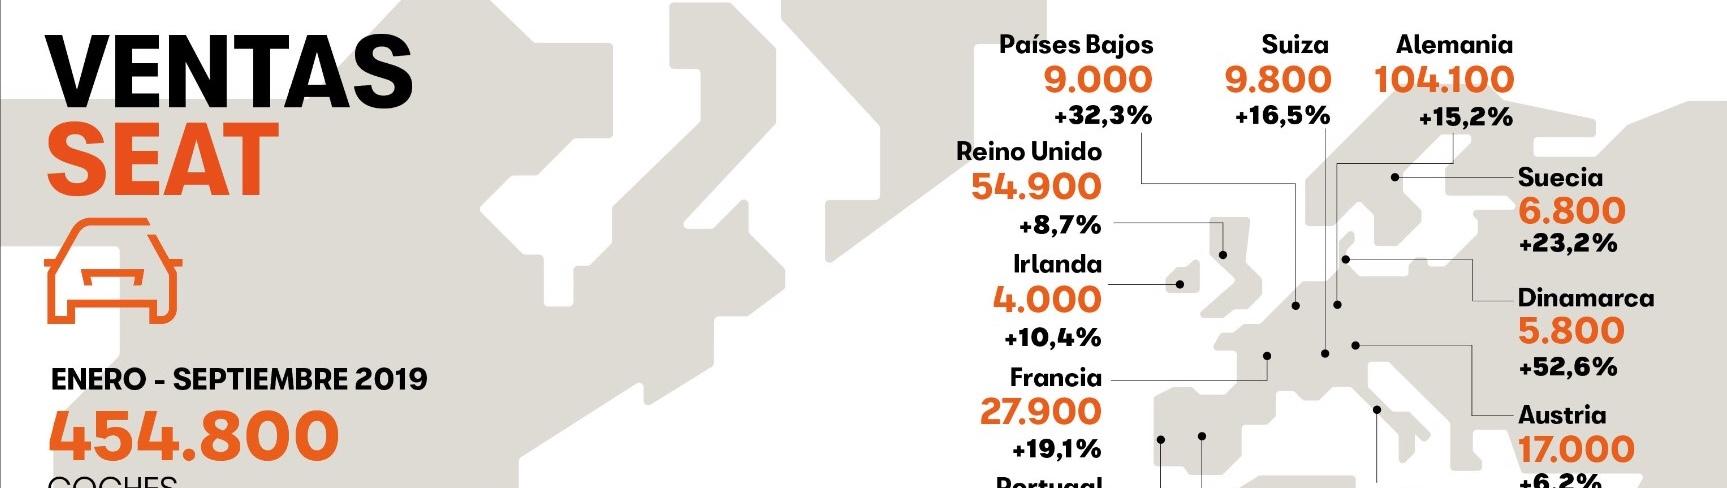 Las ventas mundiales de SEAT alcanzaron un nuevo récord en el año